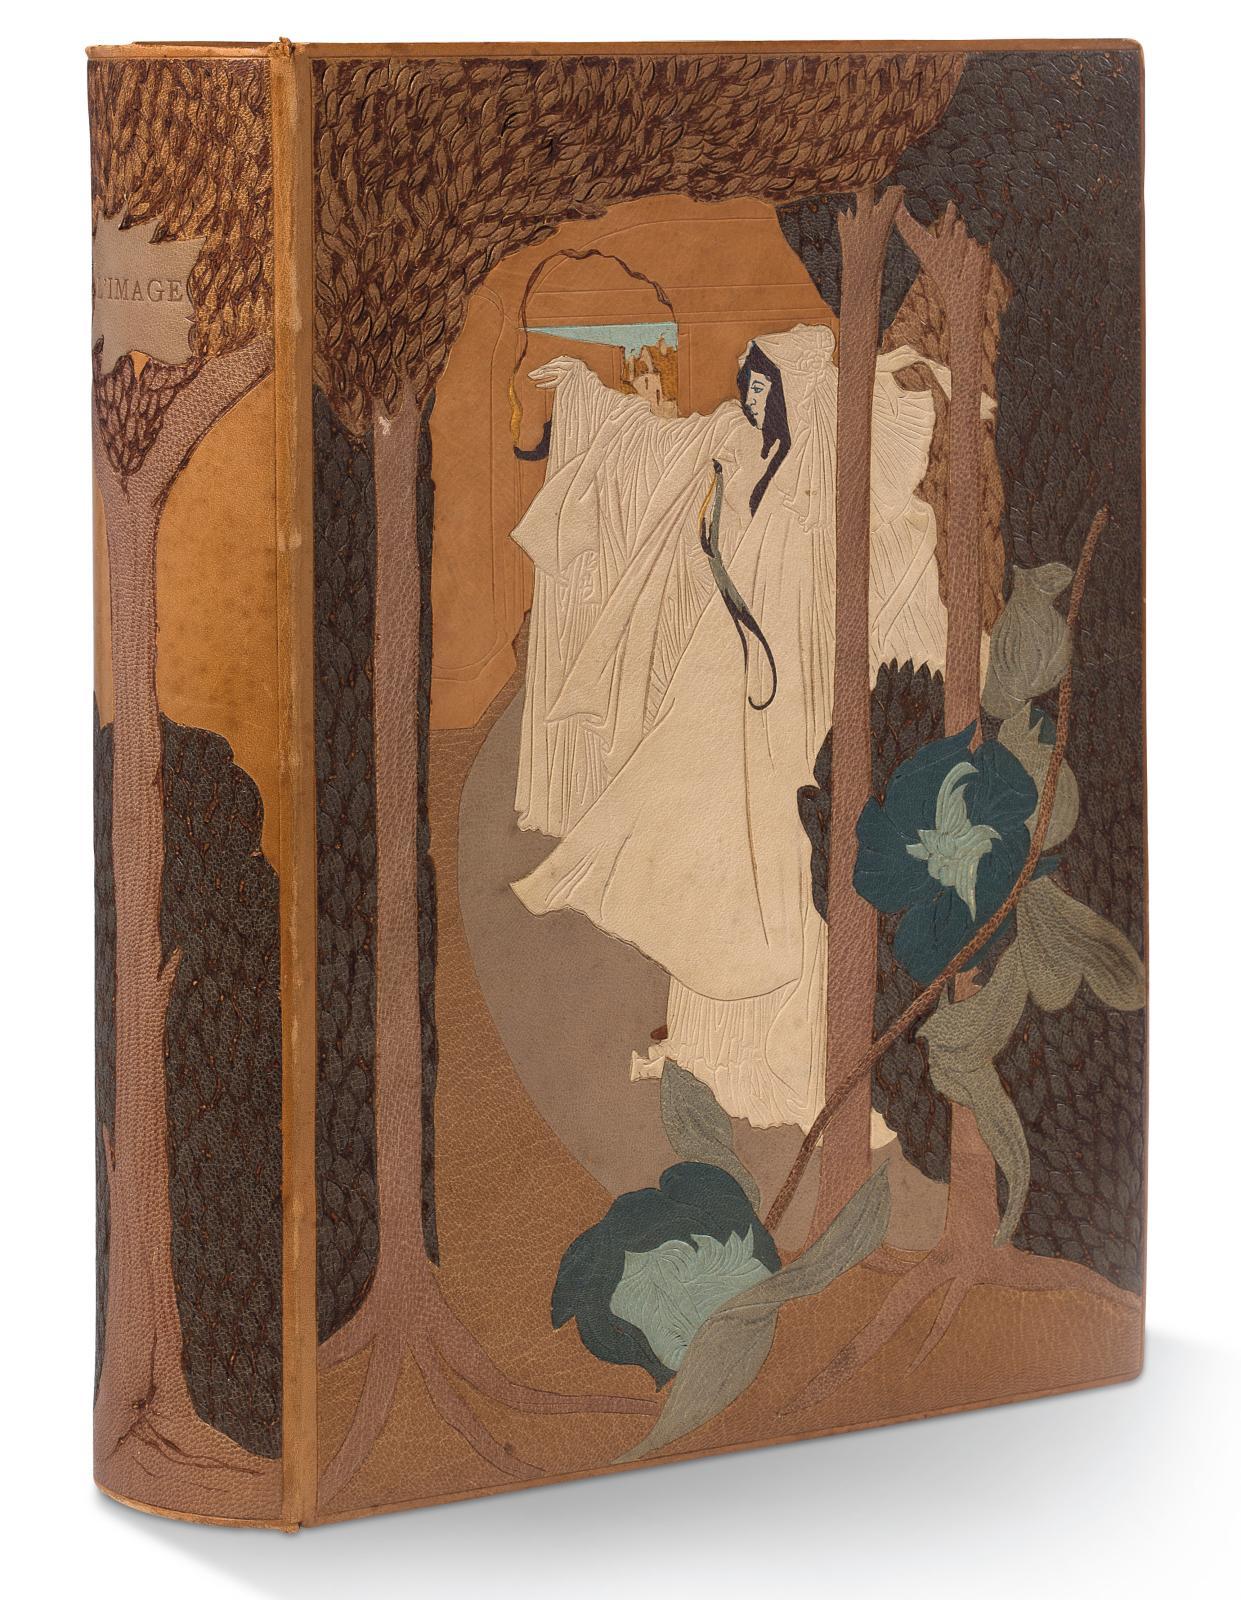 L'Image, revue artistique et littéraire ornée de figures sur bois (Paris, Floury, décembre 1896-décembre 1897, spécimen et 12 numéros avec